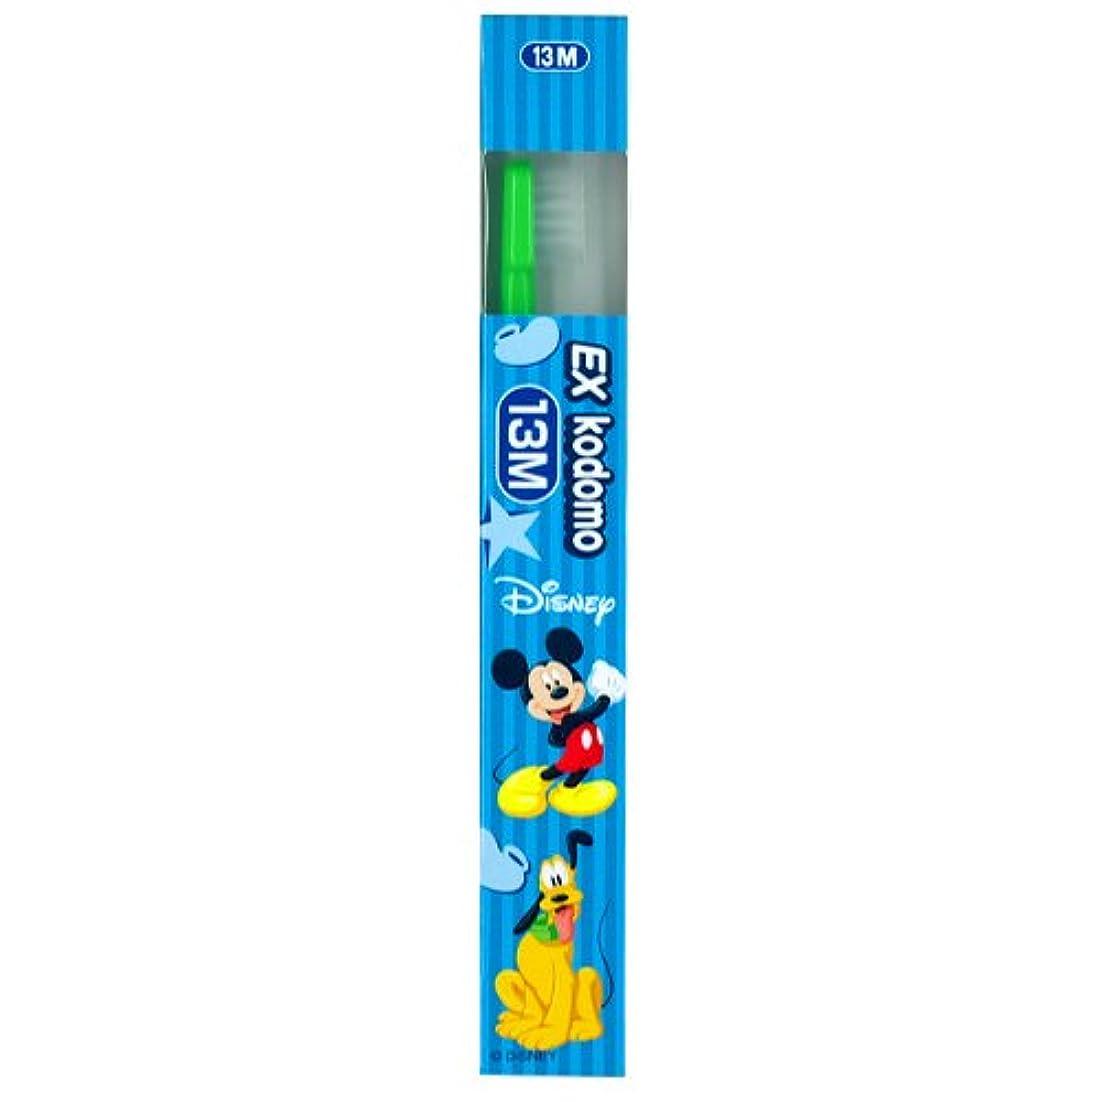 主司法砂ライオン EX kodomo ディズニー 歯ブラシ 1本 13M グリーン